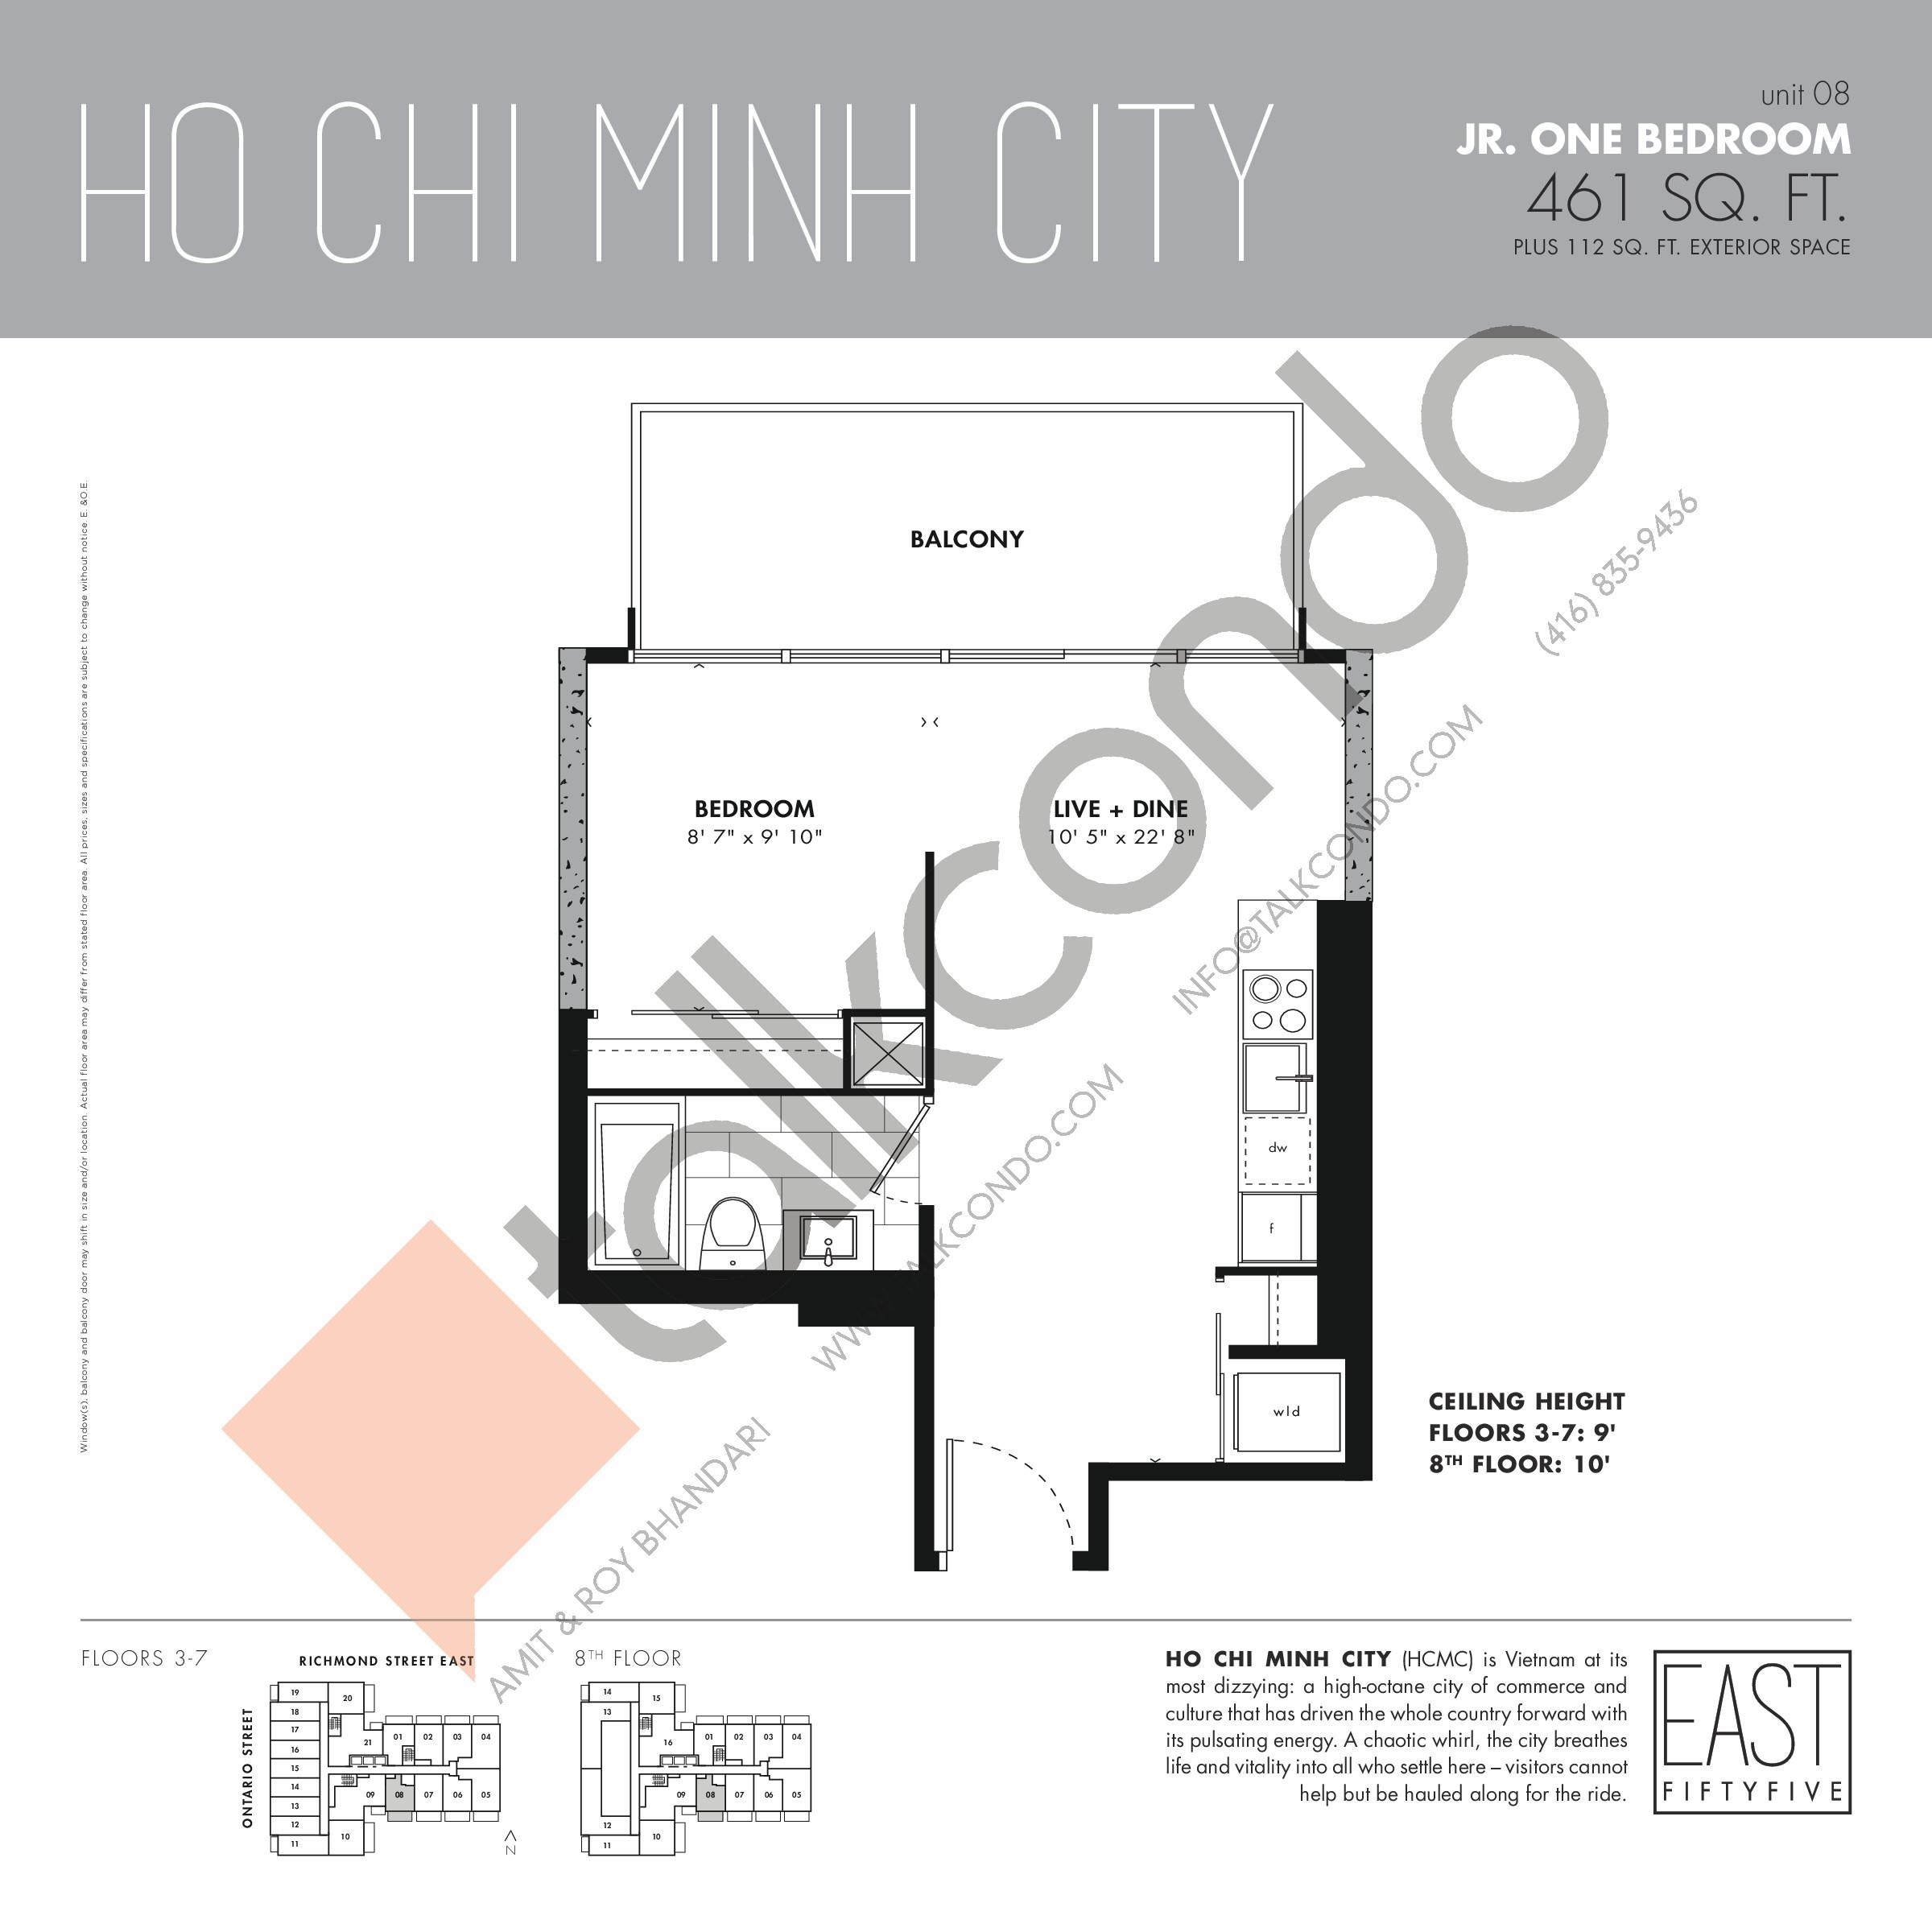 East 55 Condos Ho Chi Minh City 461 Sq Ft 0 Bedroom